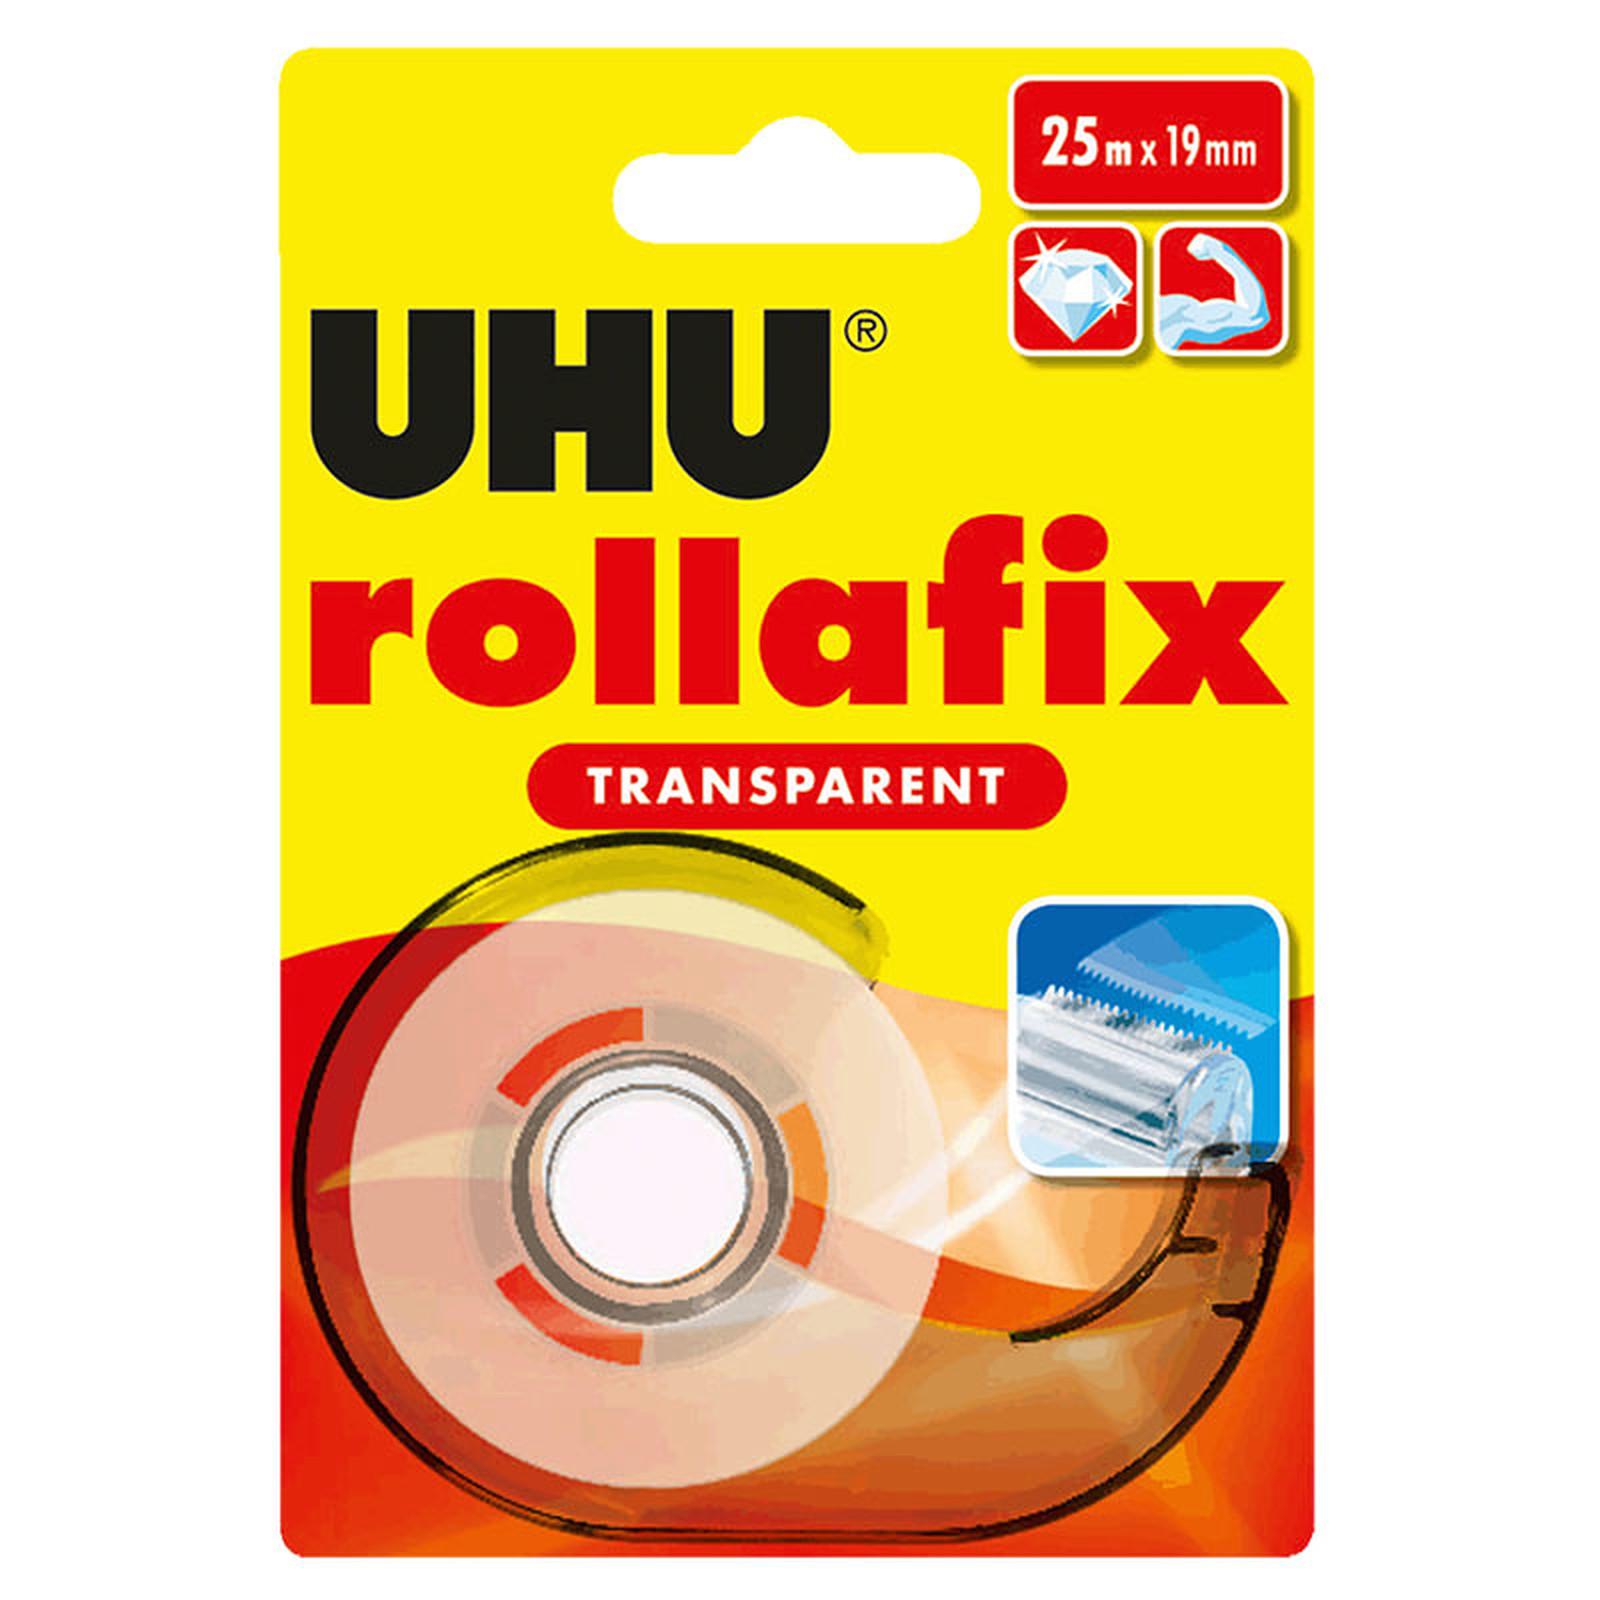 UHU Rollafix Dévidoir + Ruban Transparent - 25 m